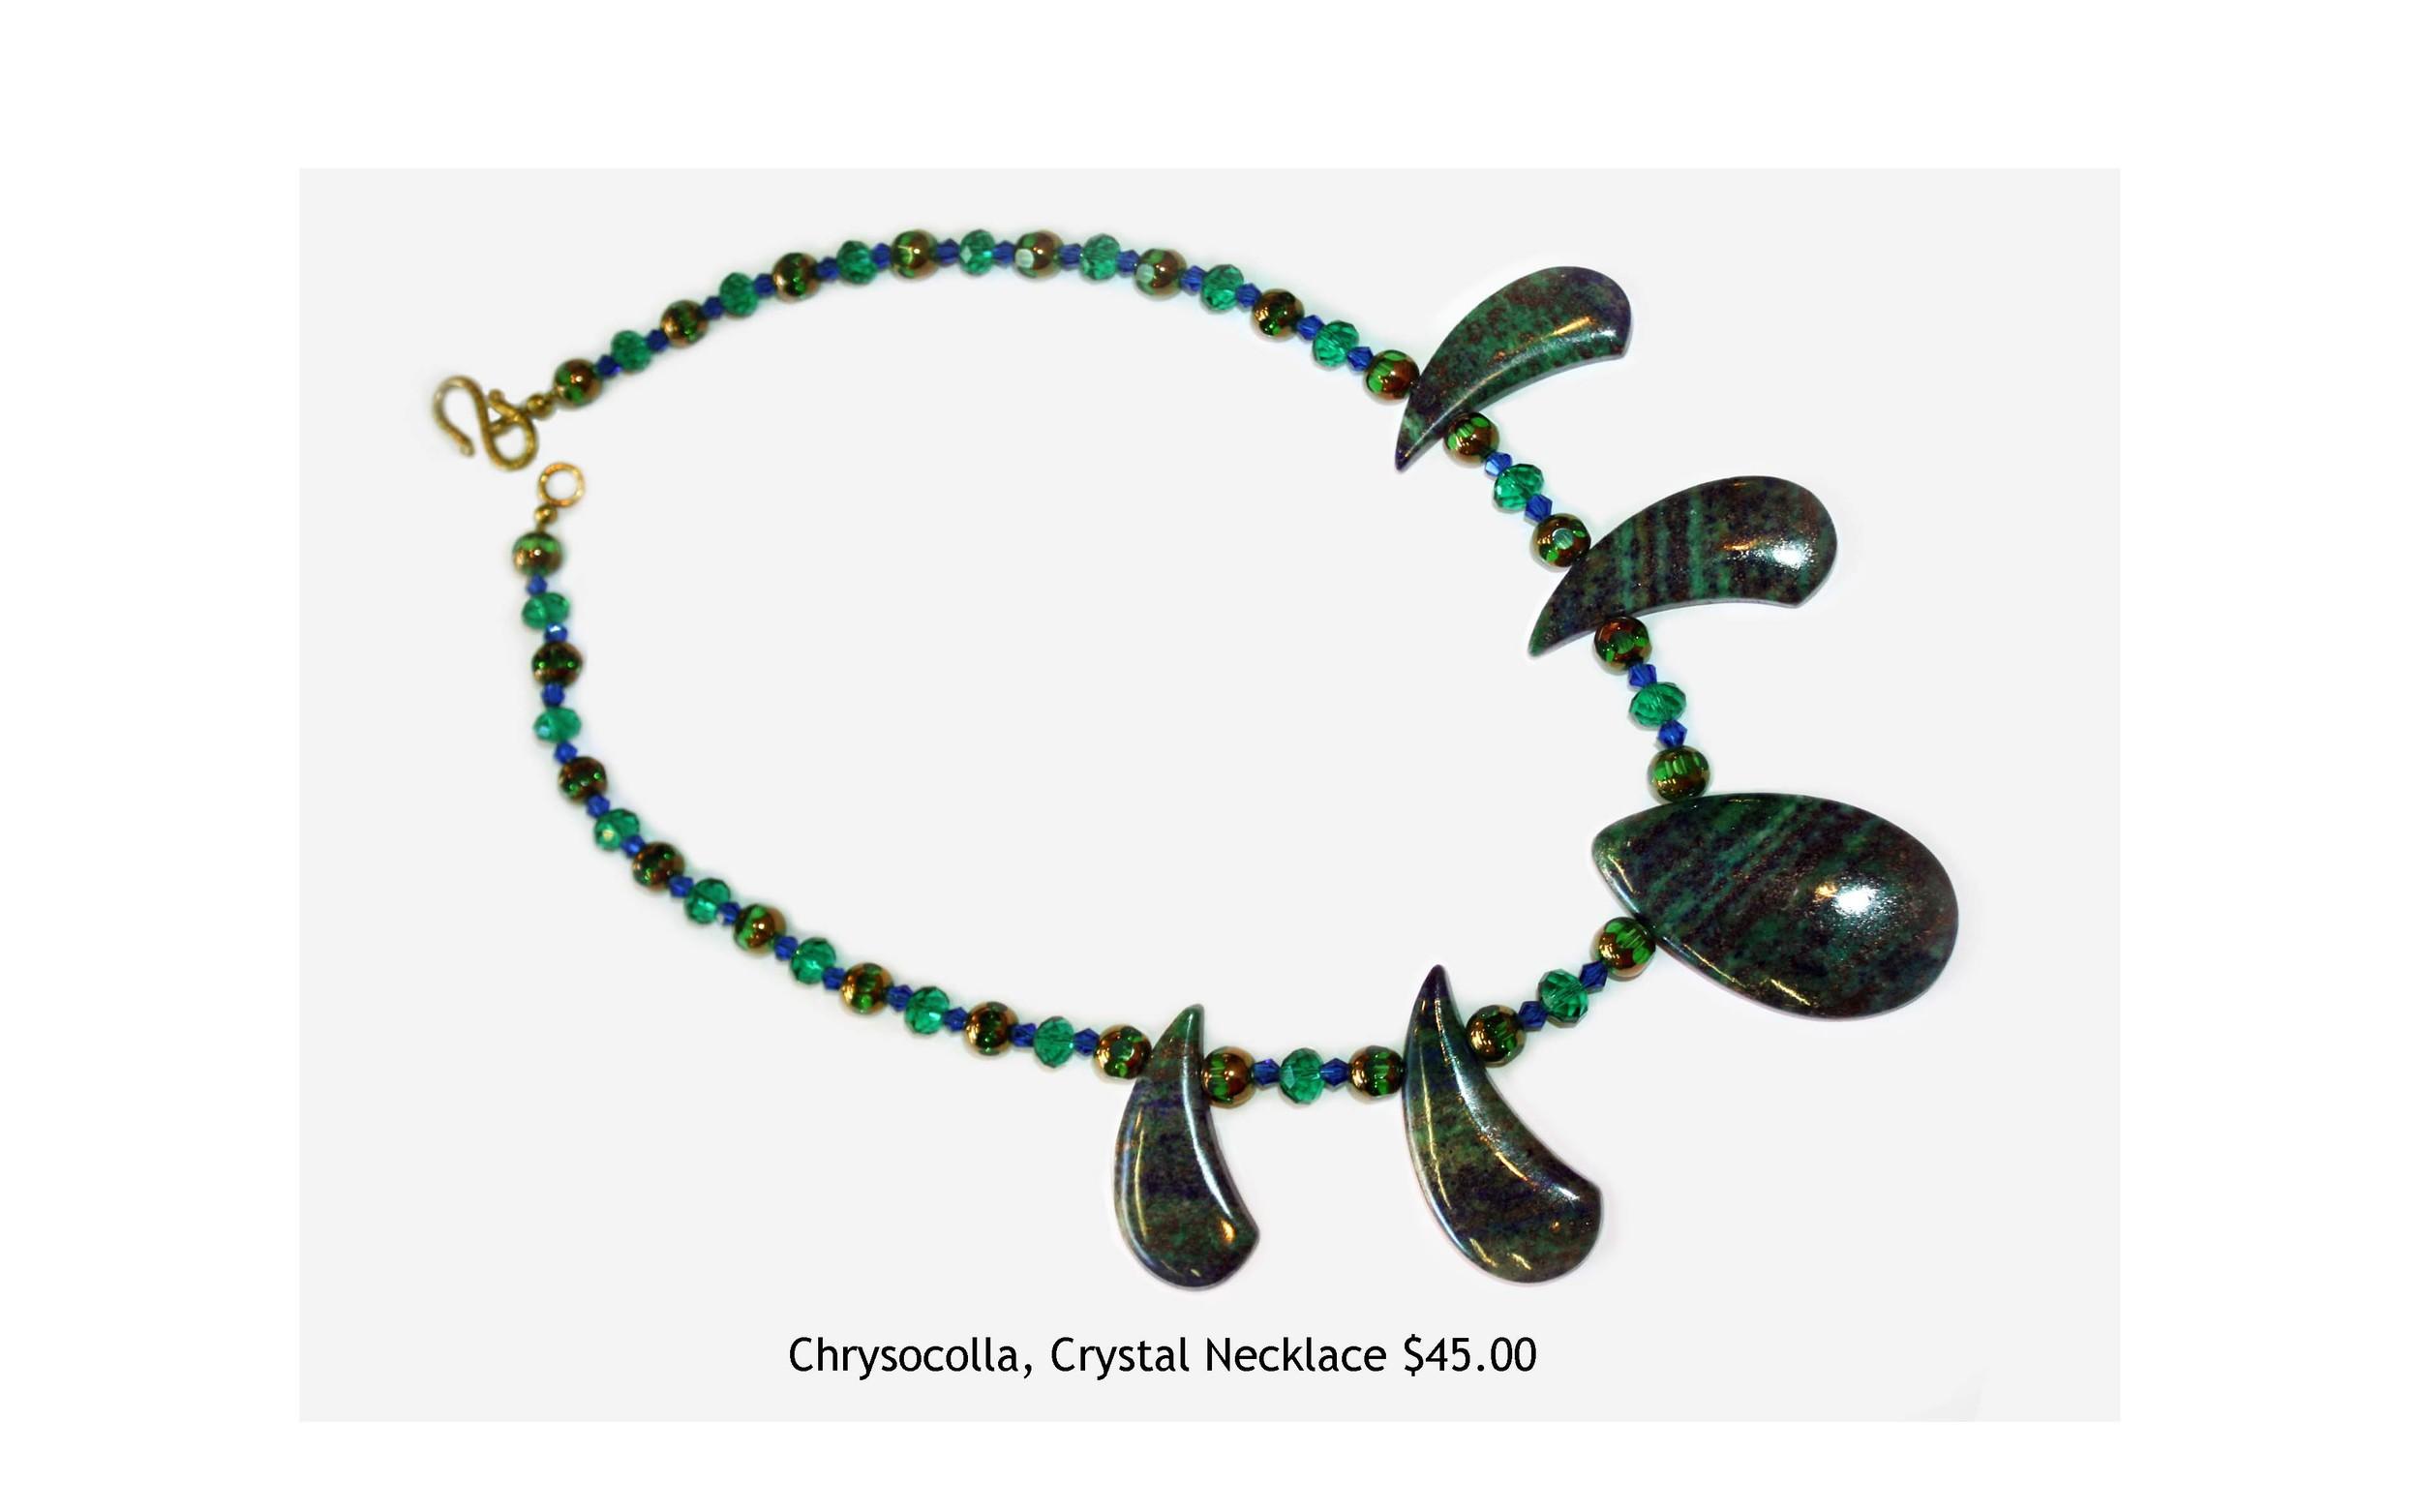 collar de chrysocolla pag web copy.jpg